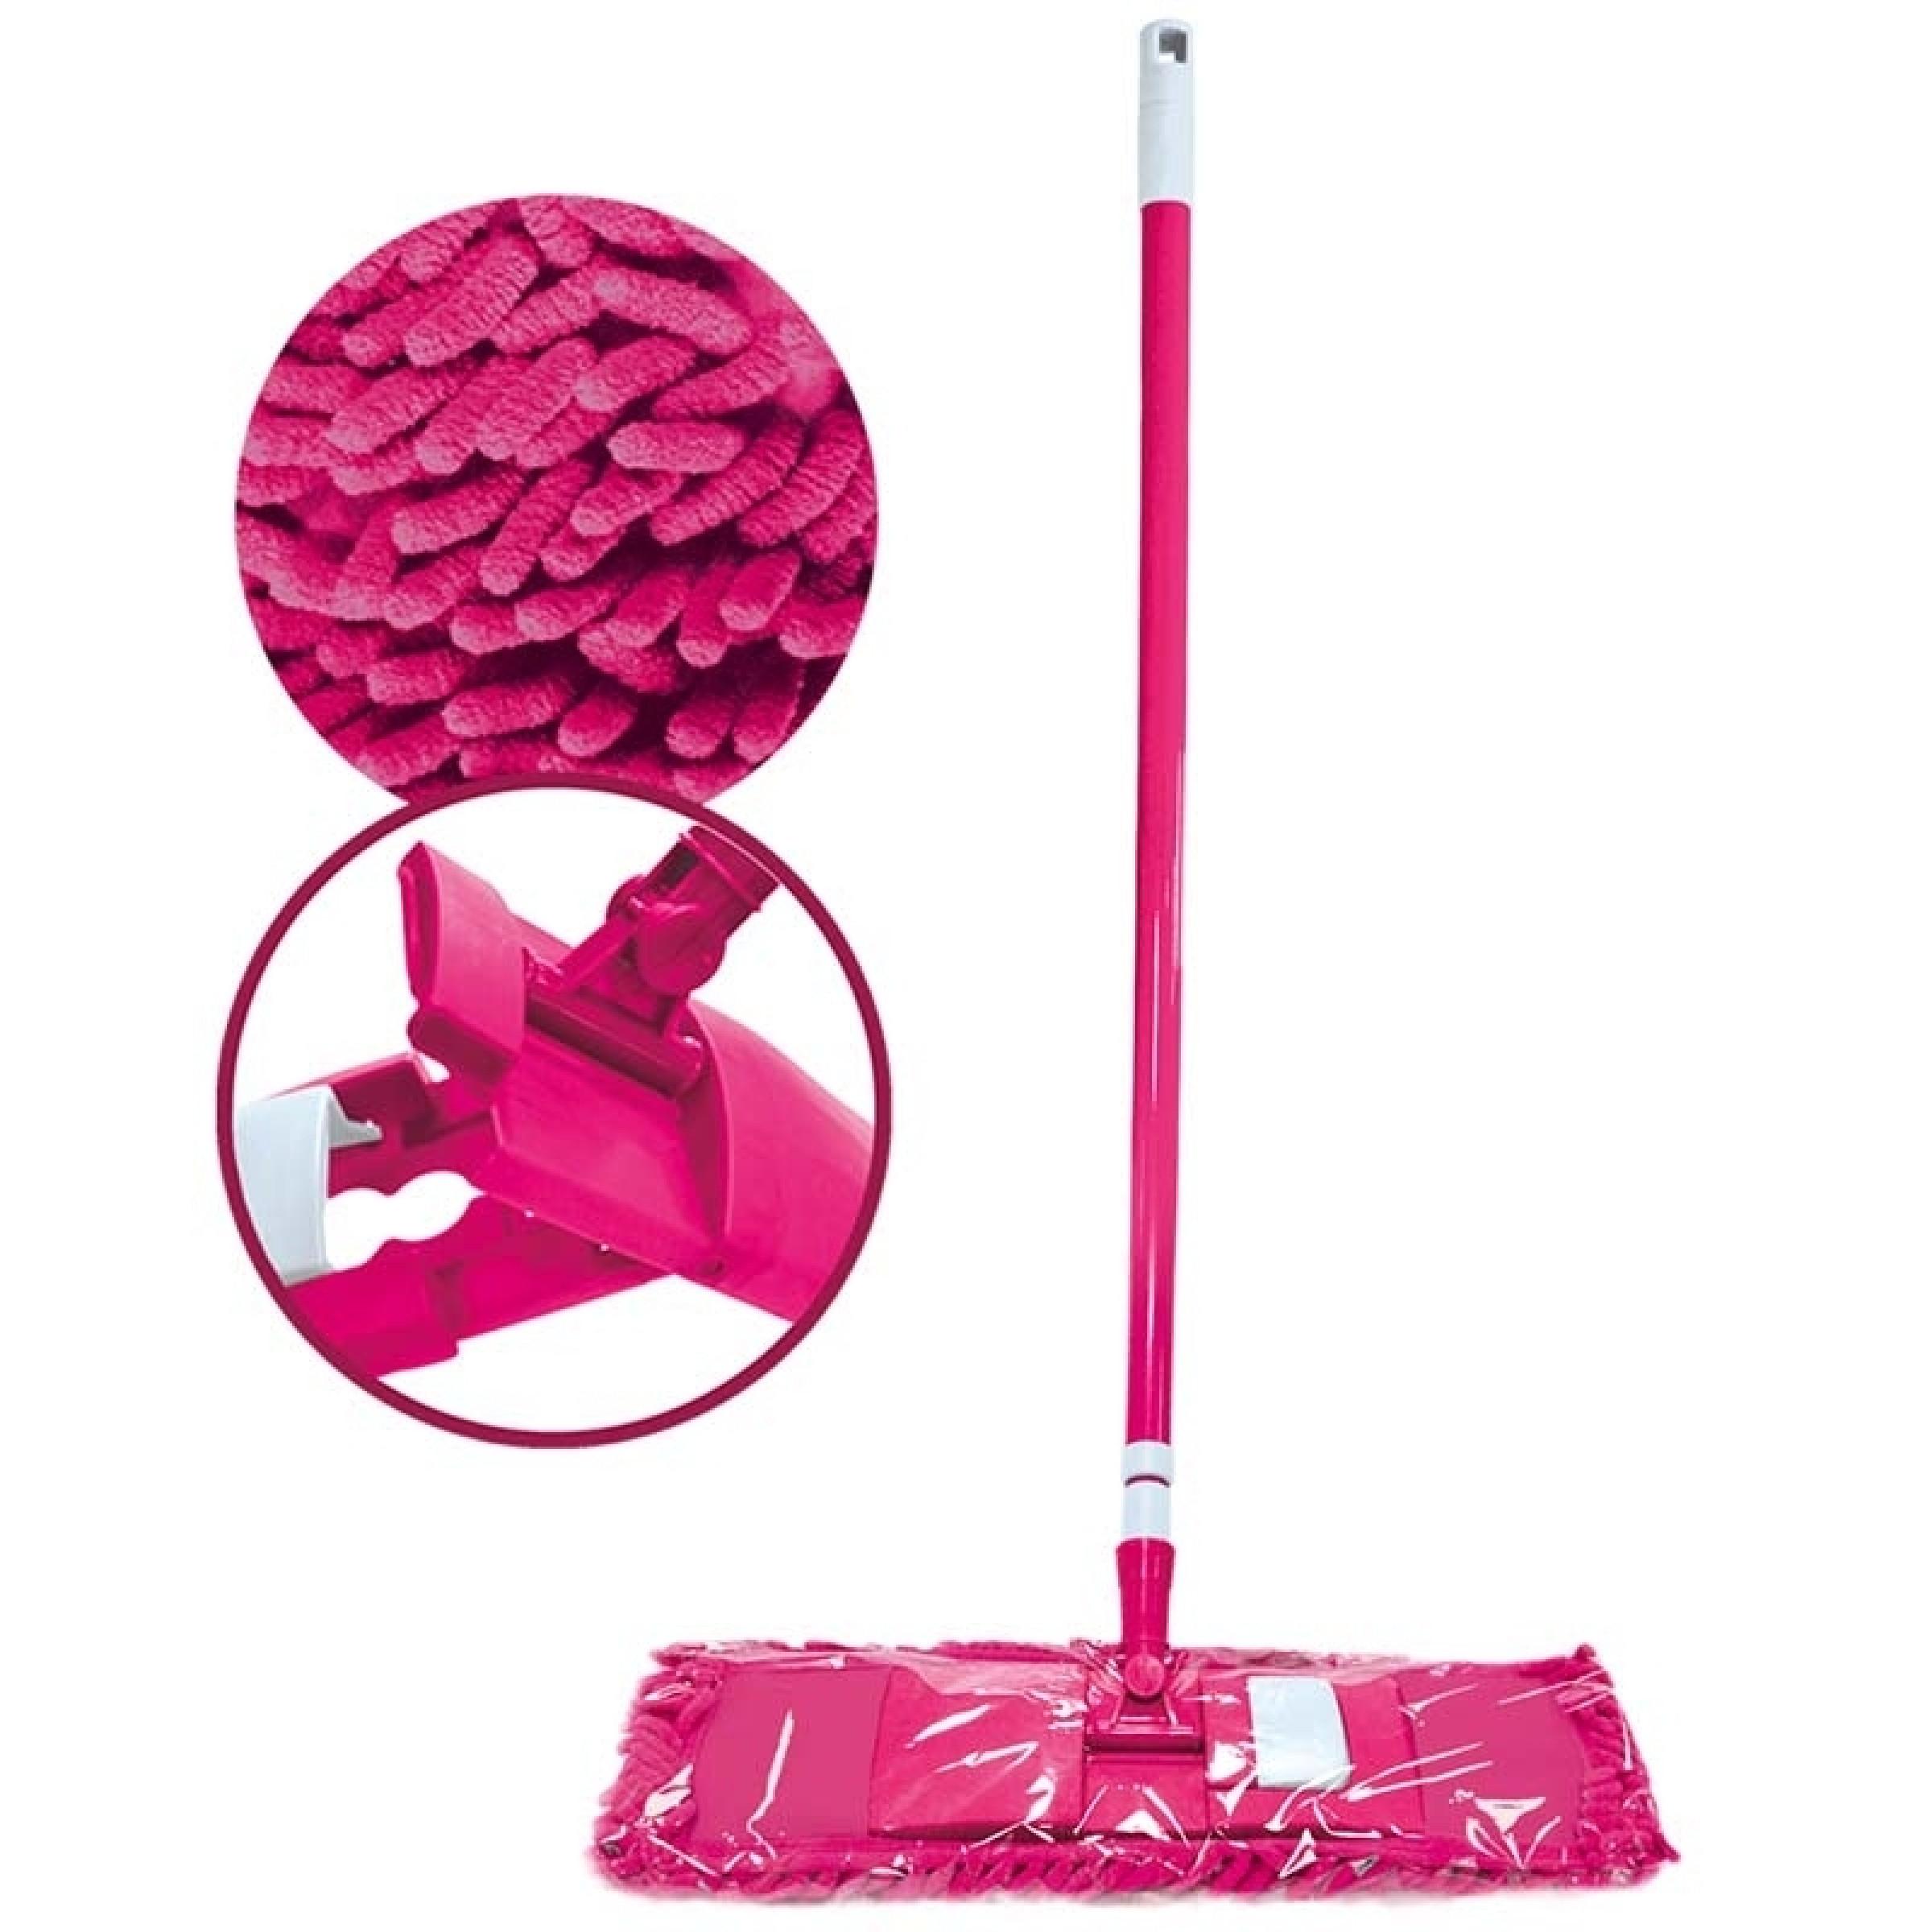 Швабра Dora для пола с телескопической ручкой с насадкой микрофибра шенилл, 1 шт